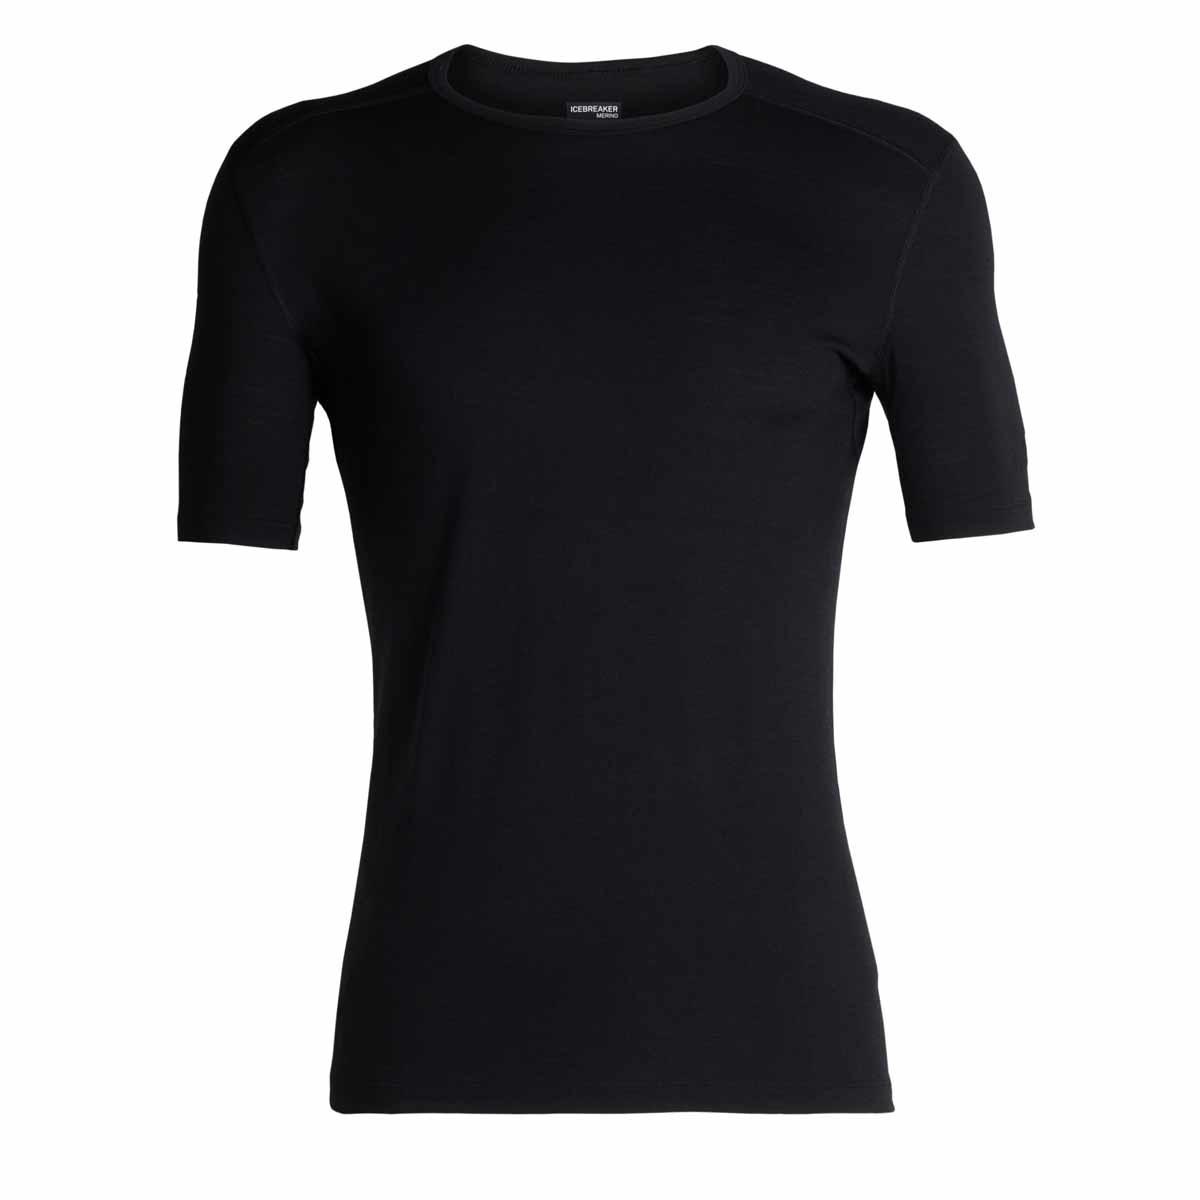 d06b6d65ec7 Icebreaker Heren T-shirt van Merino